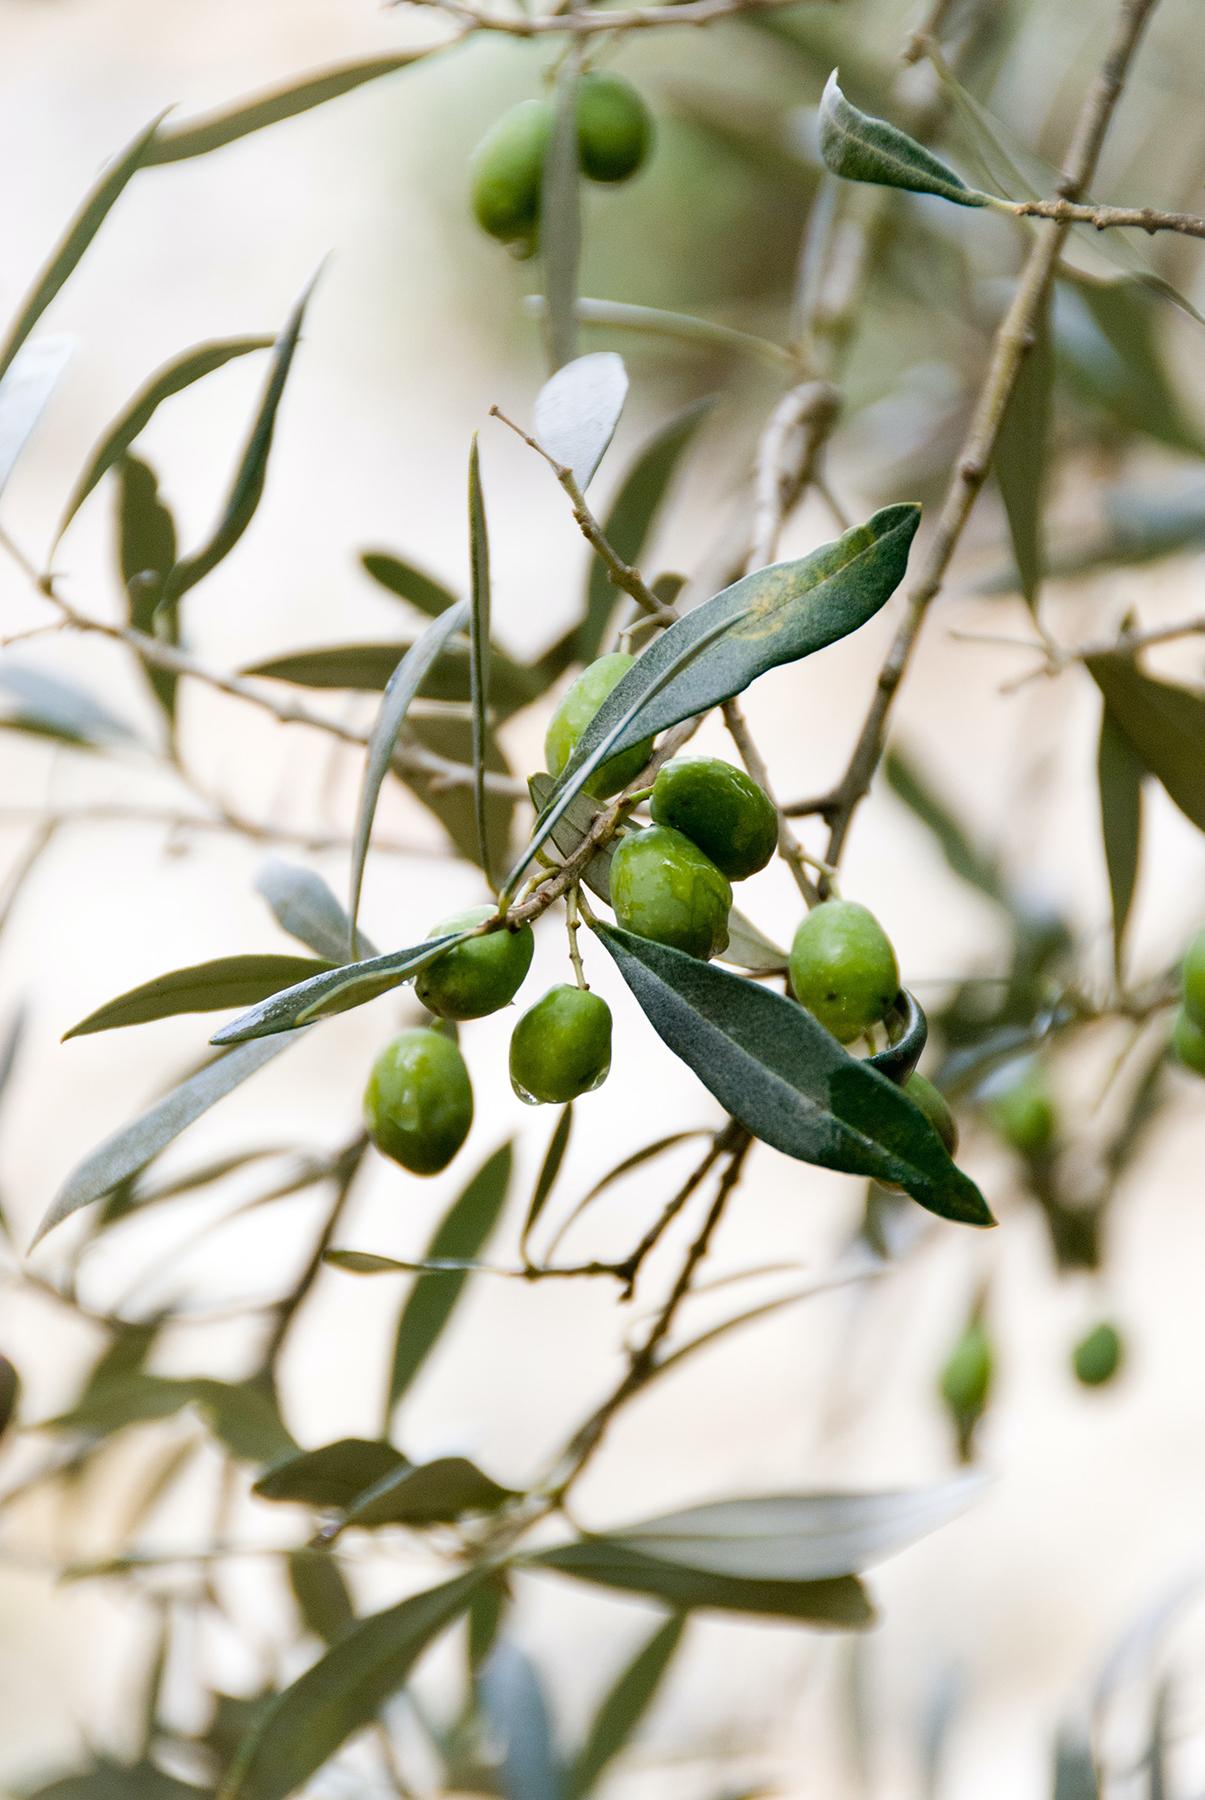 Olives, courtesy of the writer, Yasmine Dalloul